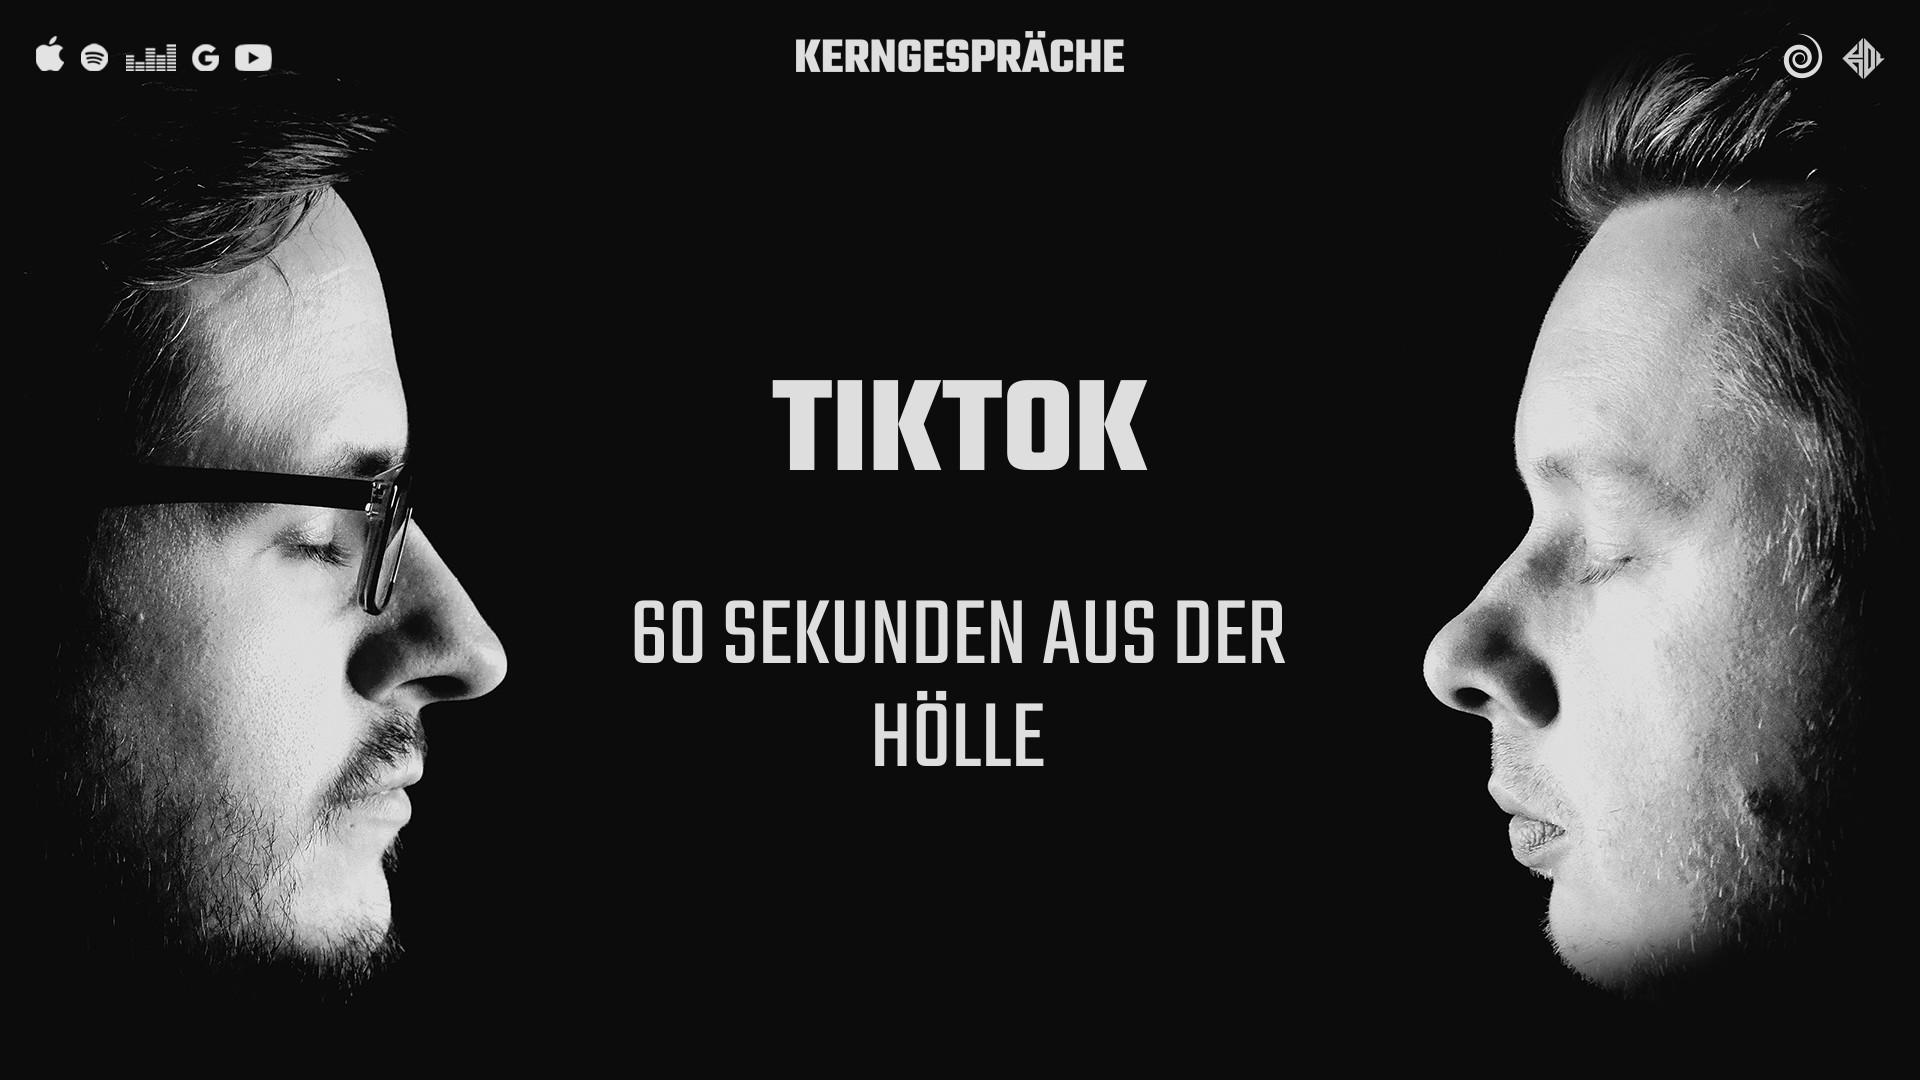 TikTok: 60 Sekunden aus der Hölle